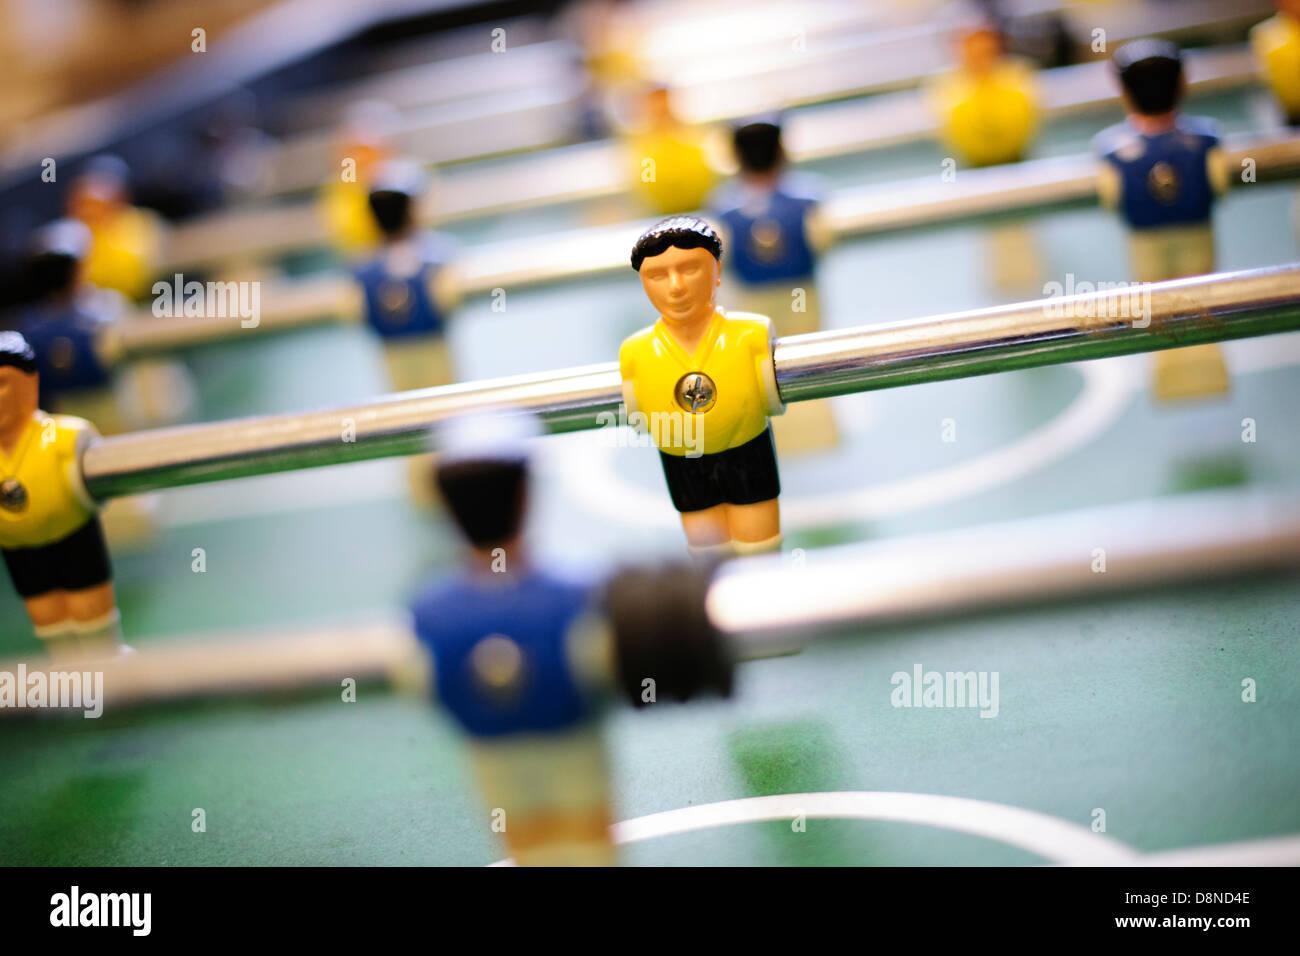 Table football, table football game, leisure, pleasure - Stock Image